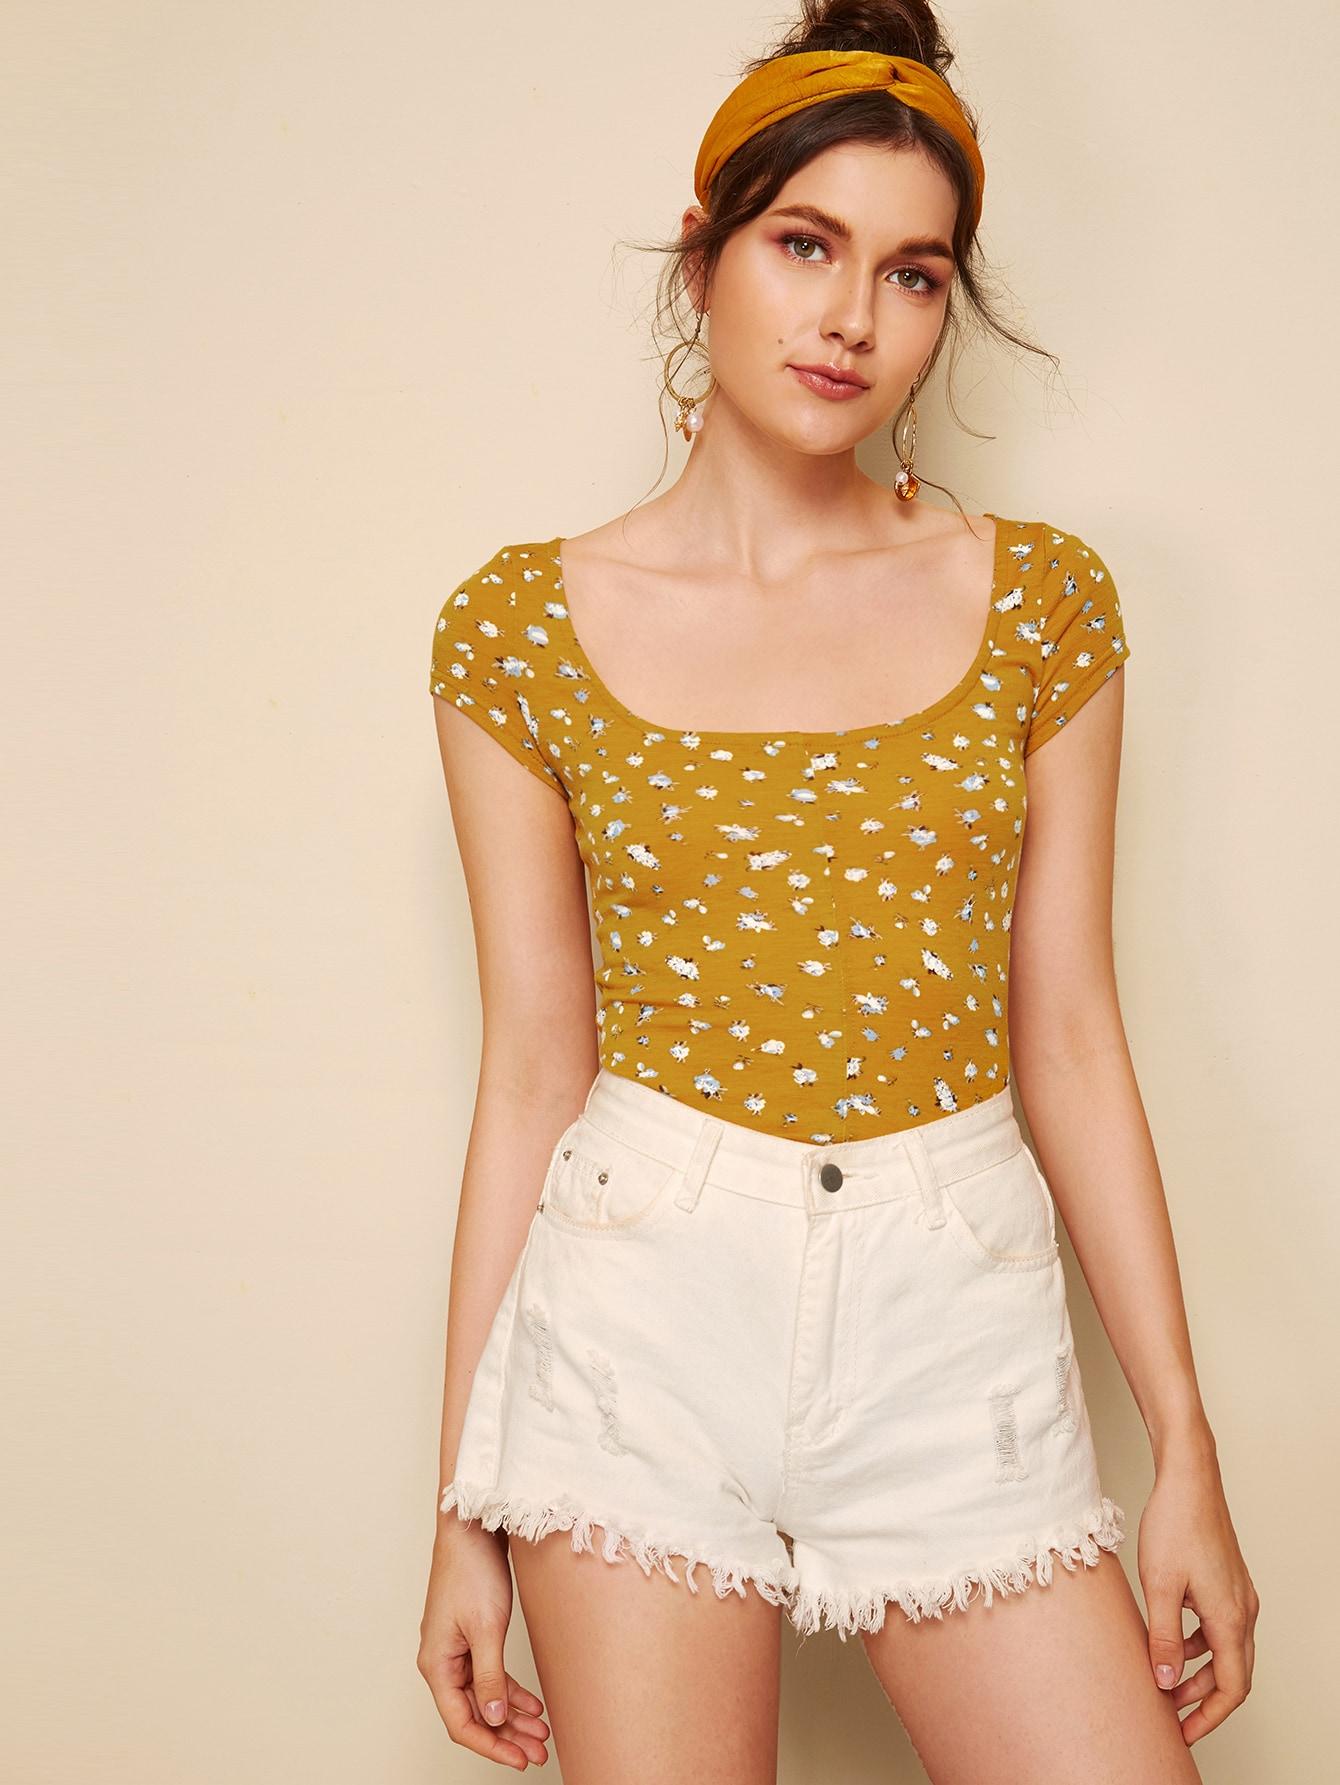 Фото - Приталенная цветочная футболка с глубоким круглым воротником от SheIn цвет жёлтый